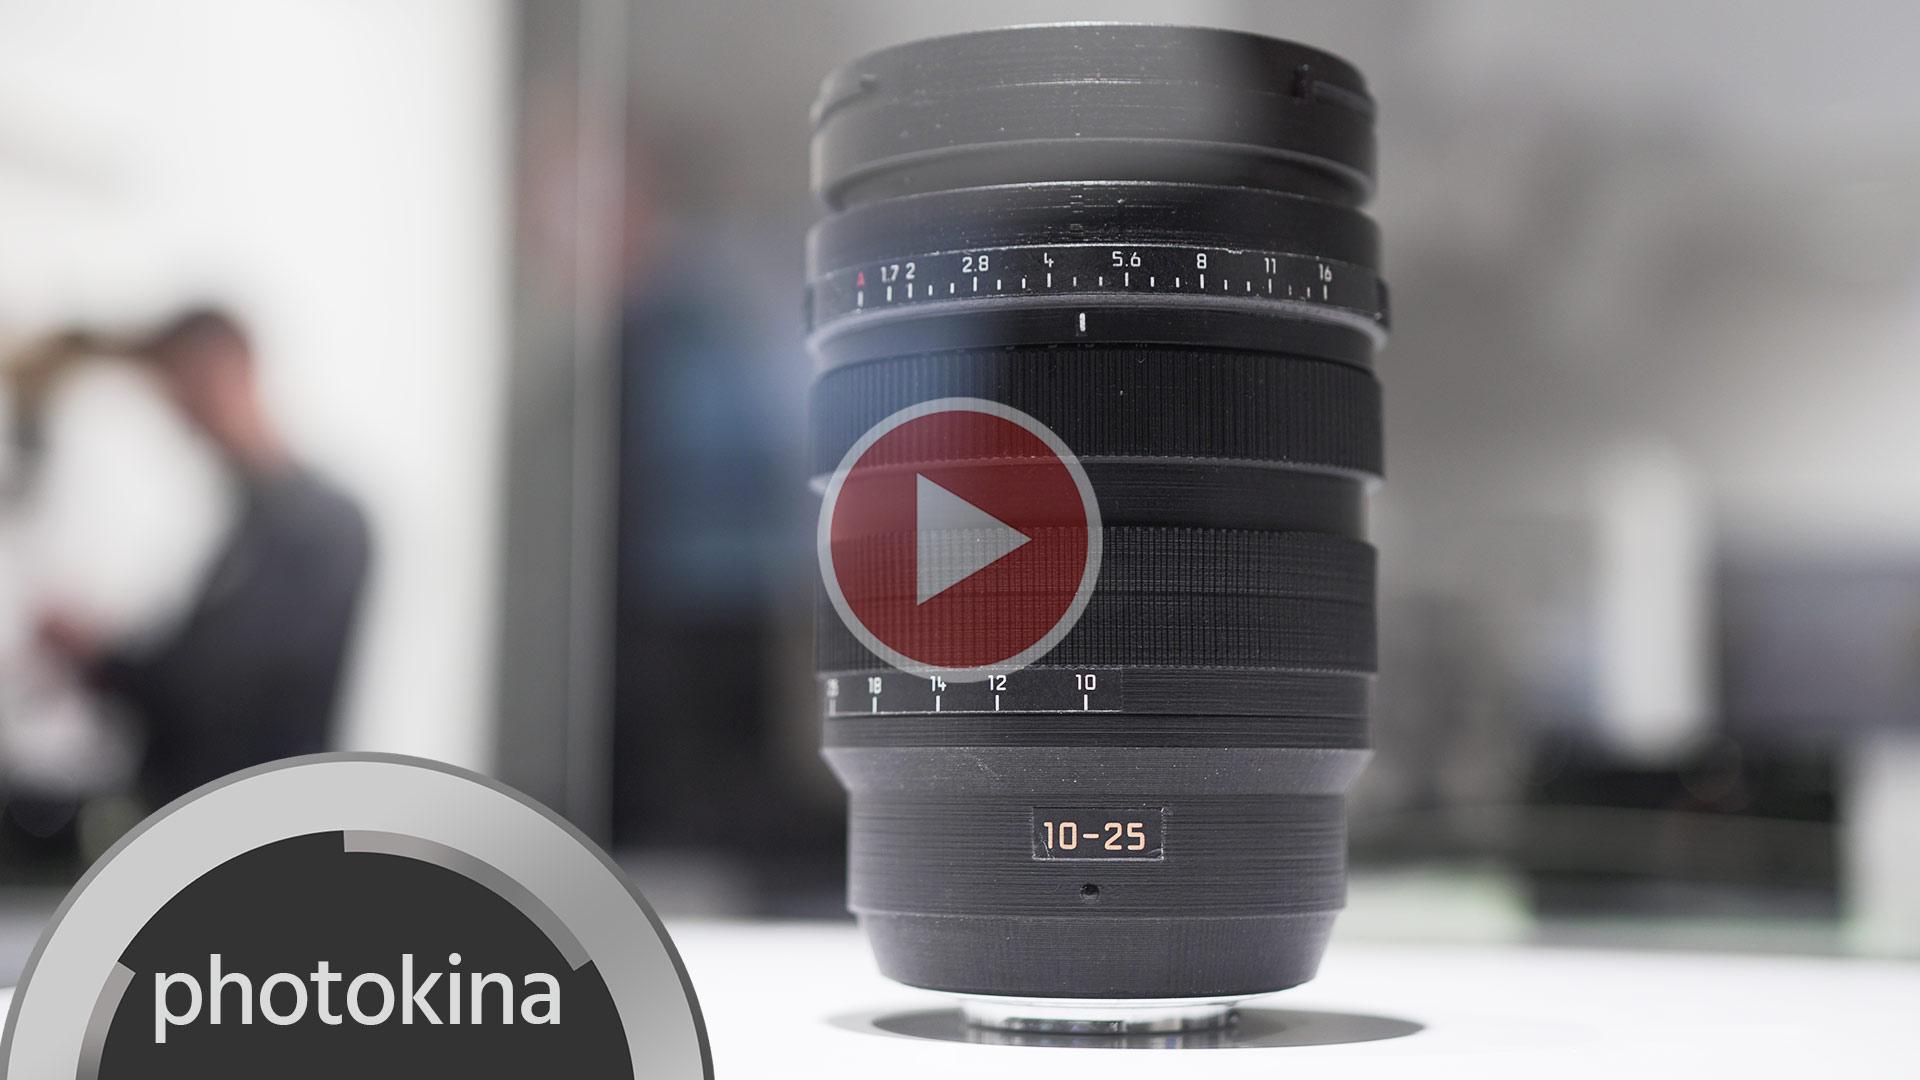 パナソニックがGH5とGH5Sのファームウェアアップデートと10-25mm F1.7 MFTレンズを発表